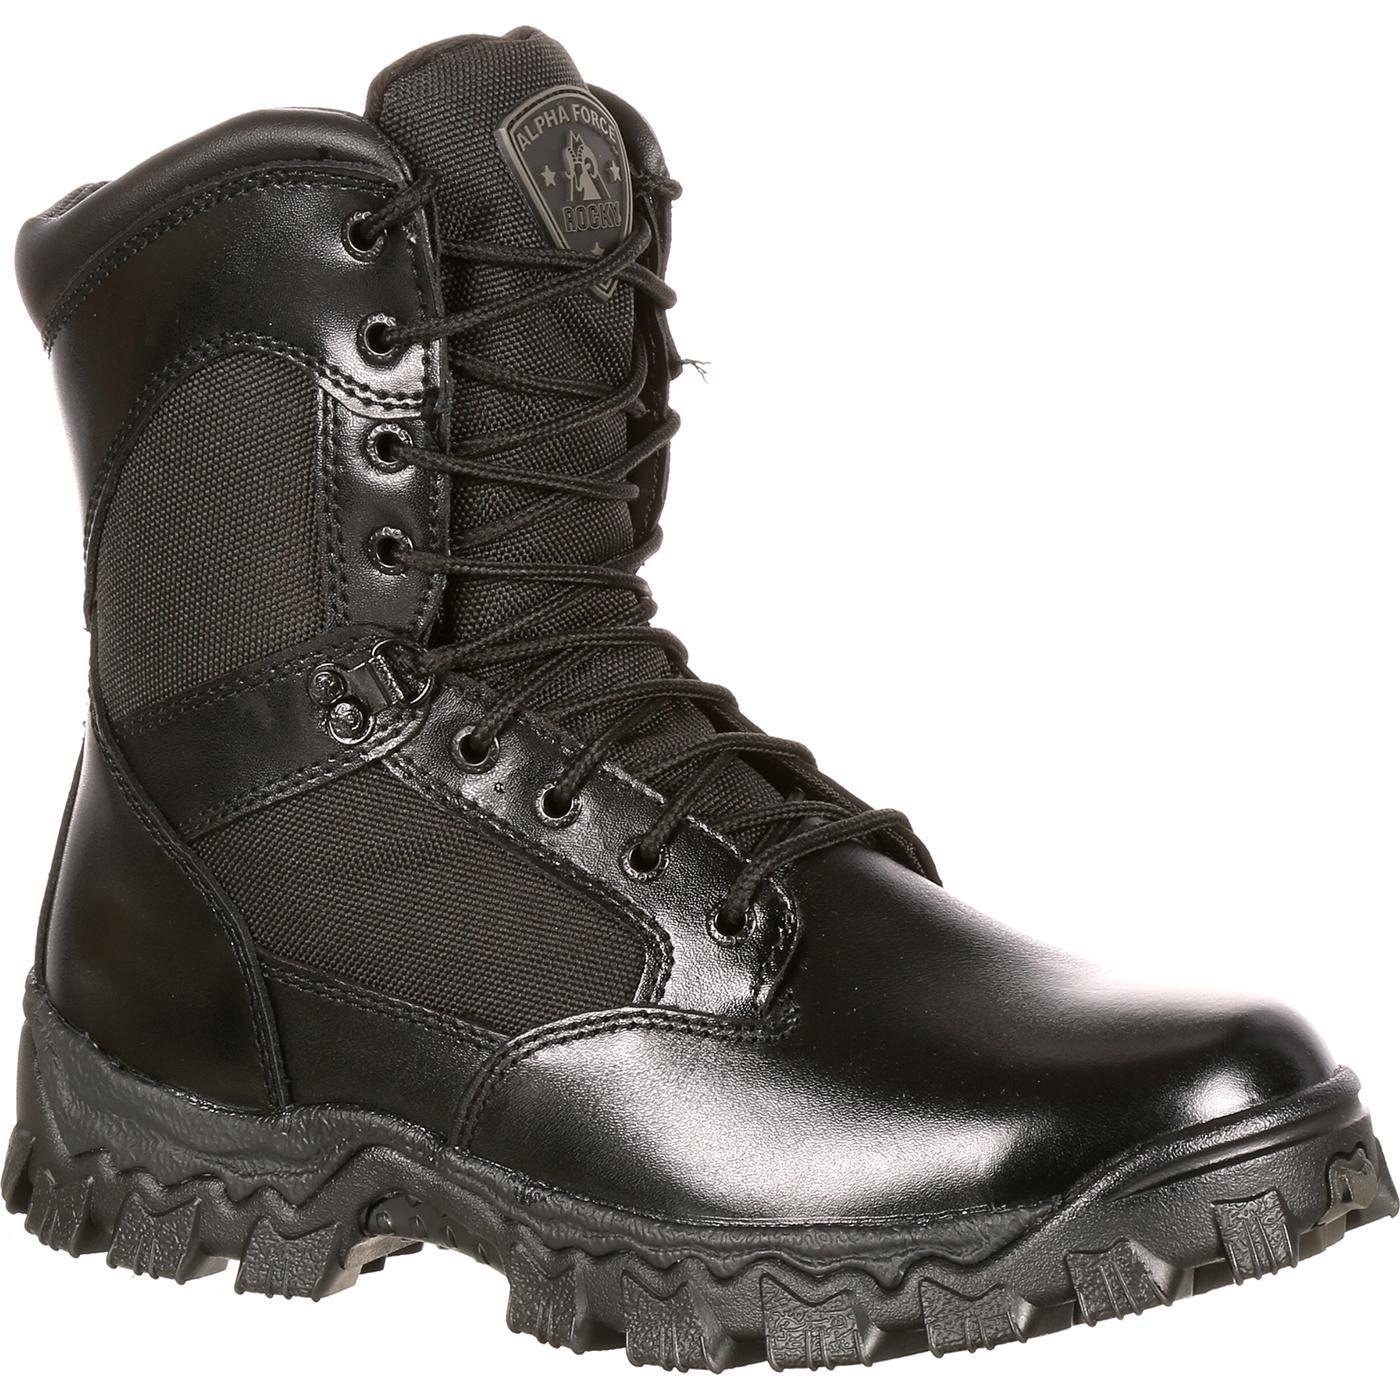 77956be1f1b Rocky AlphaForce Waterproof Duty Boot